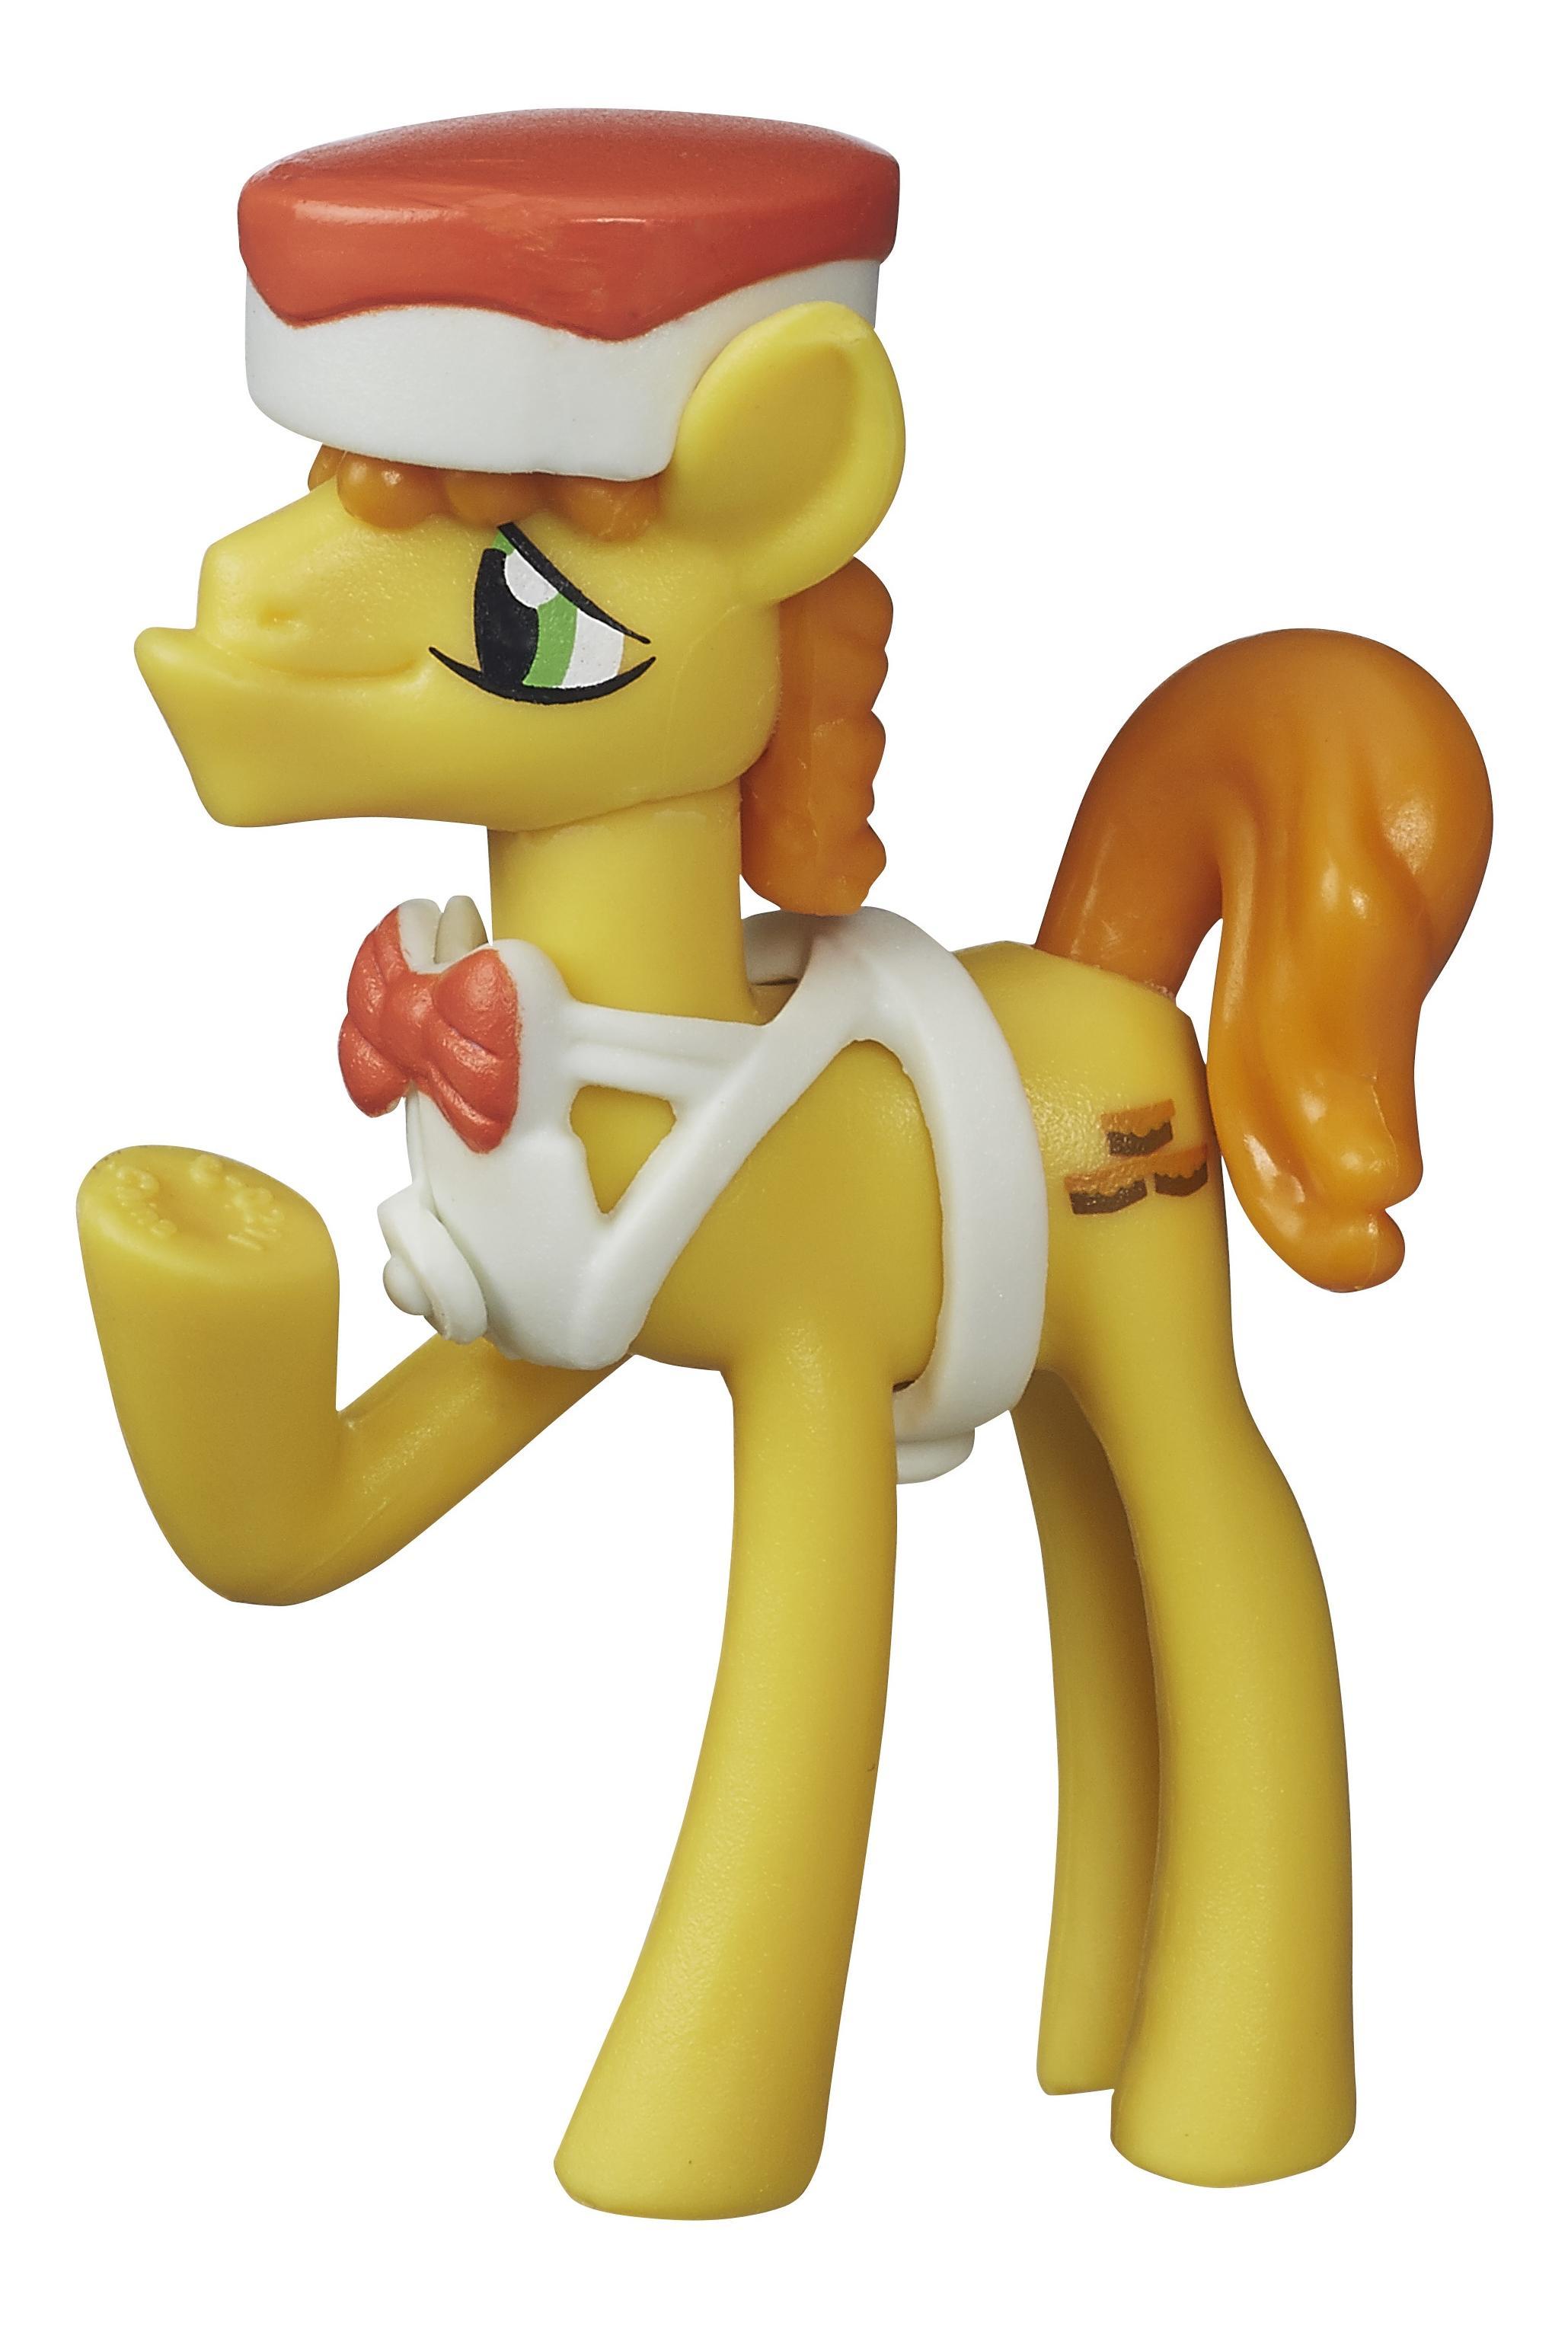 Купить Mlp коллекционные пони b3595 b5387, My little Pony, Игровые фигурки